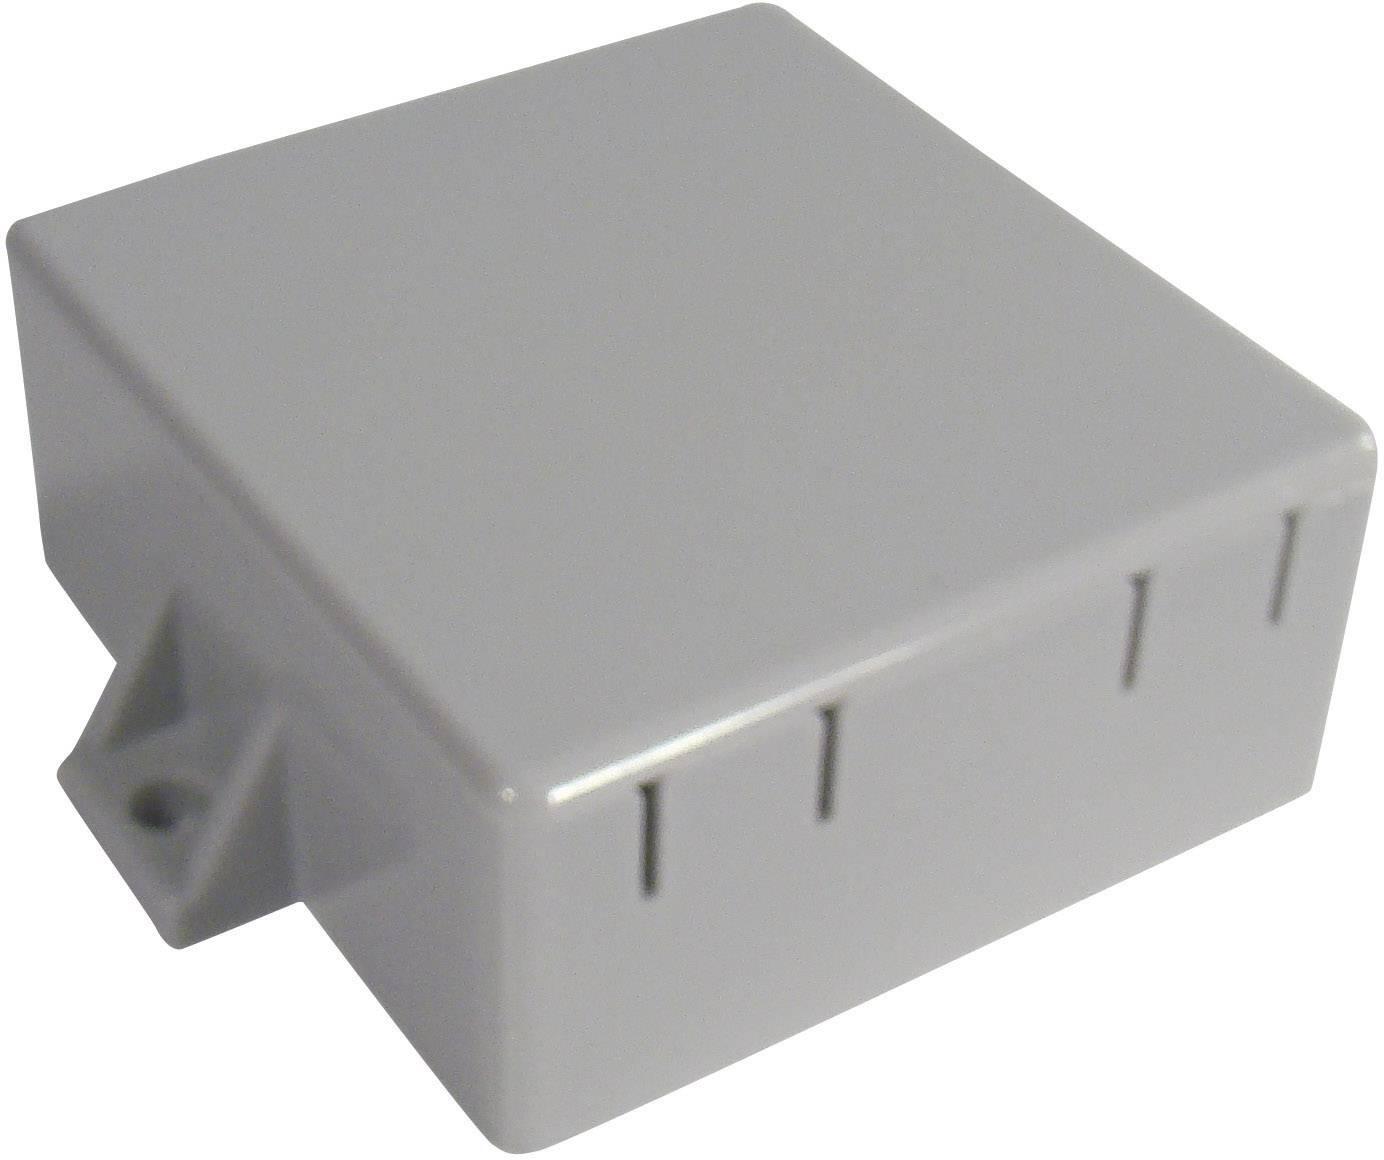 Modulová krabička WeroPlast 2054/1007, 64 x 60 x 26 , ABS, sivá, 1 ks